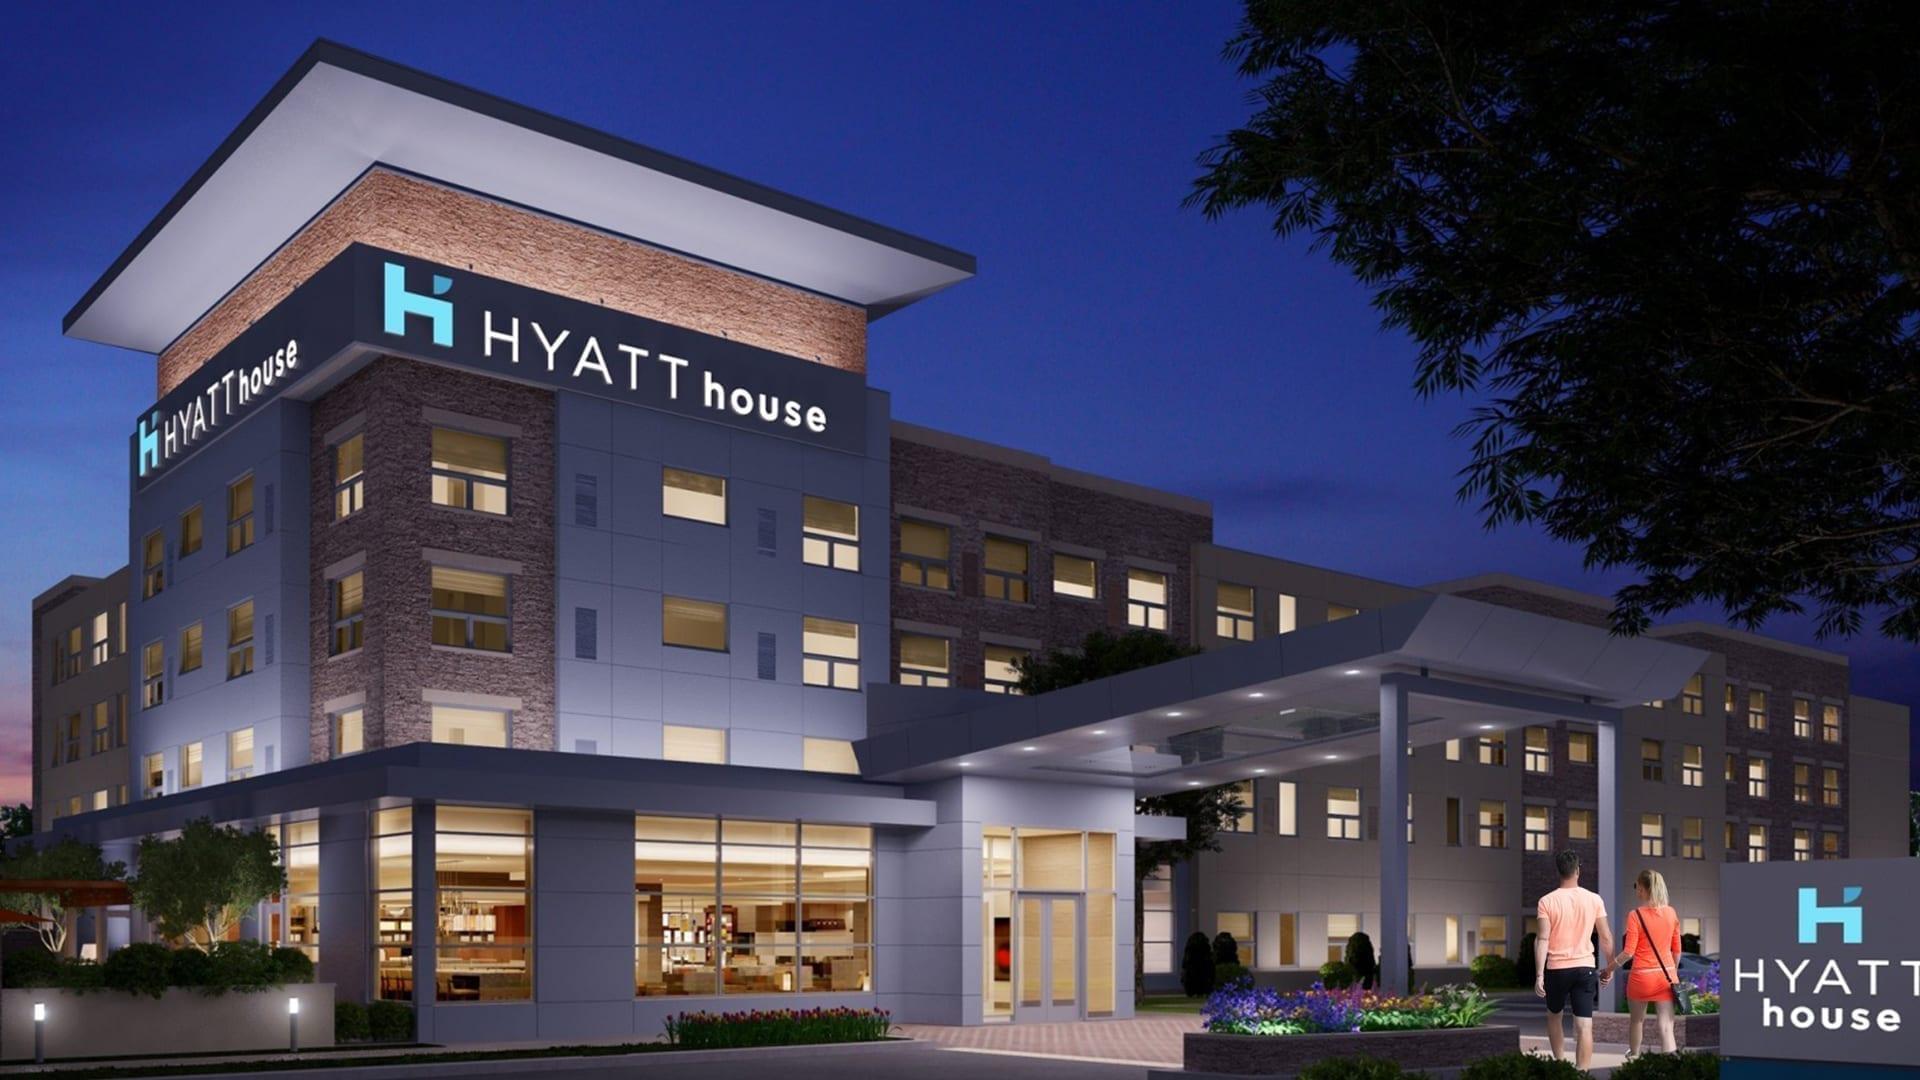 Hyatt House Landscape